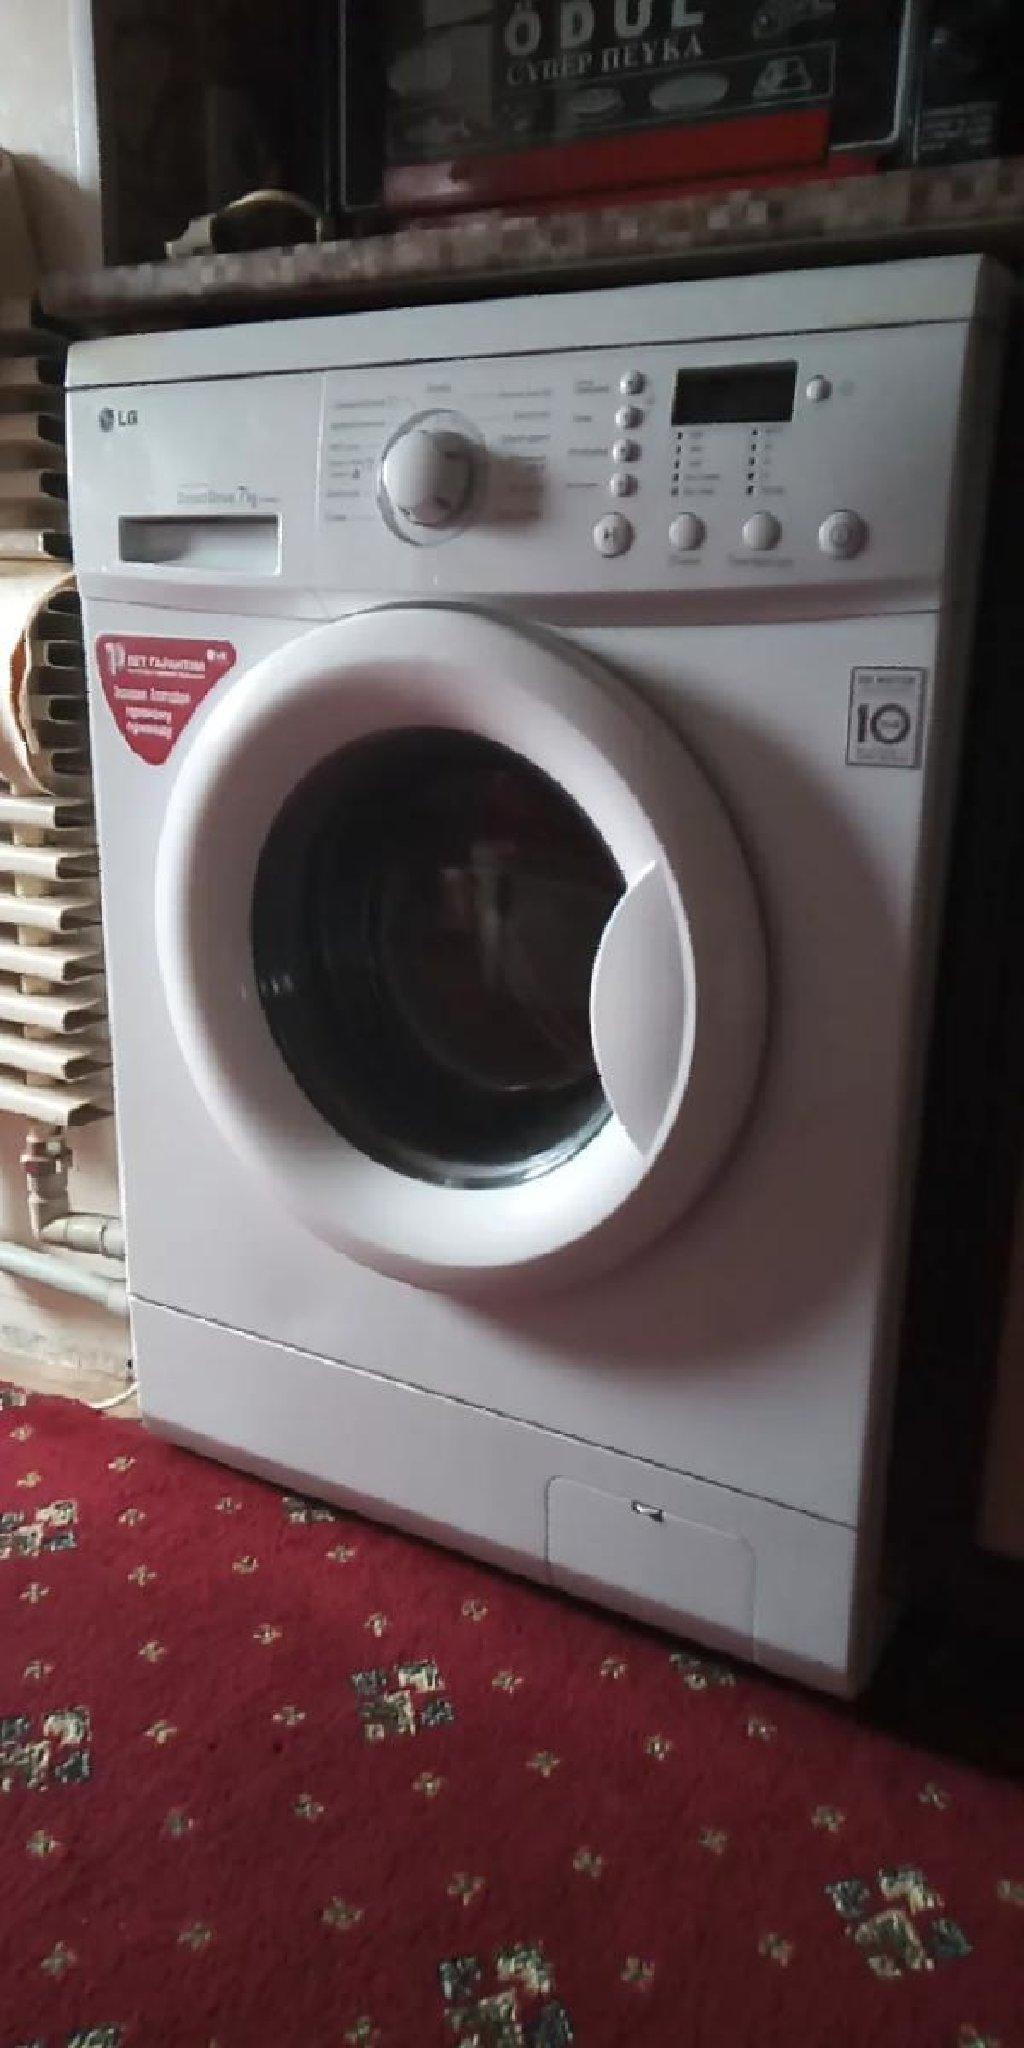 Срочны  Ремонт стиральных машин LG  SAMSUNG  2года гарантия вызов мастера на дом тел  99 80 00 85  мастер Гена